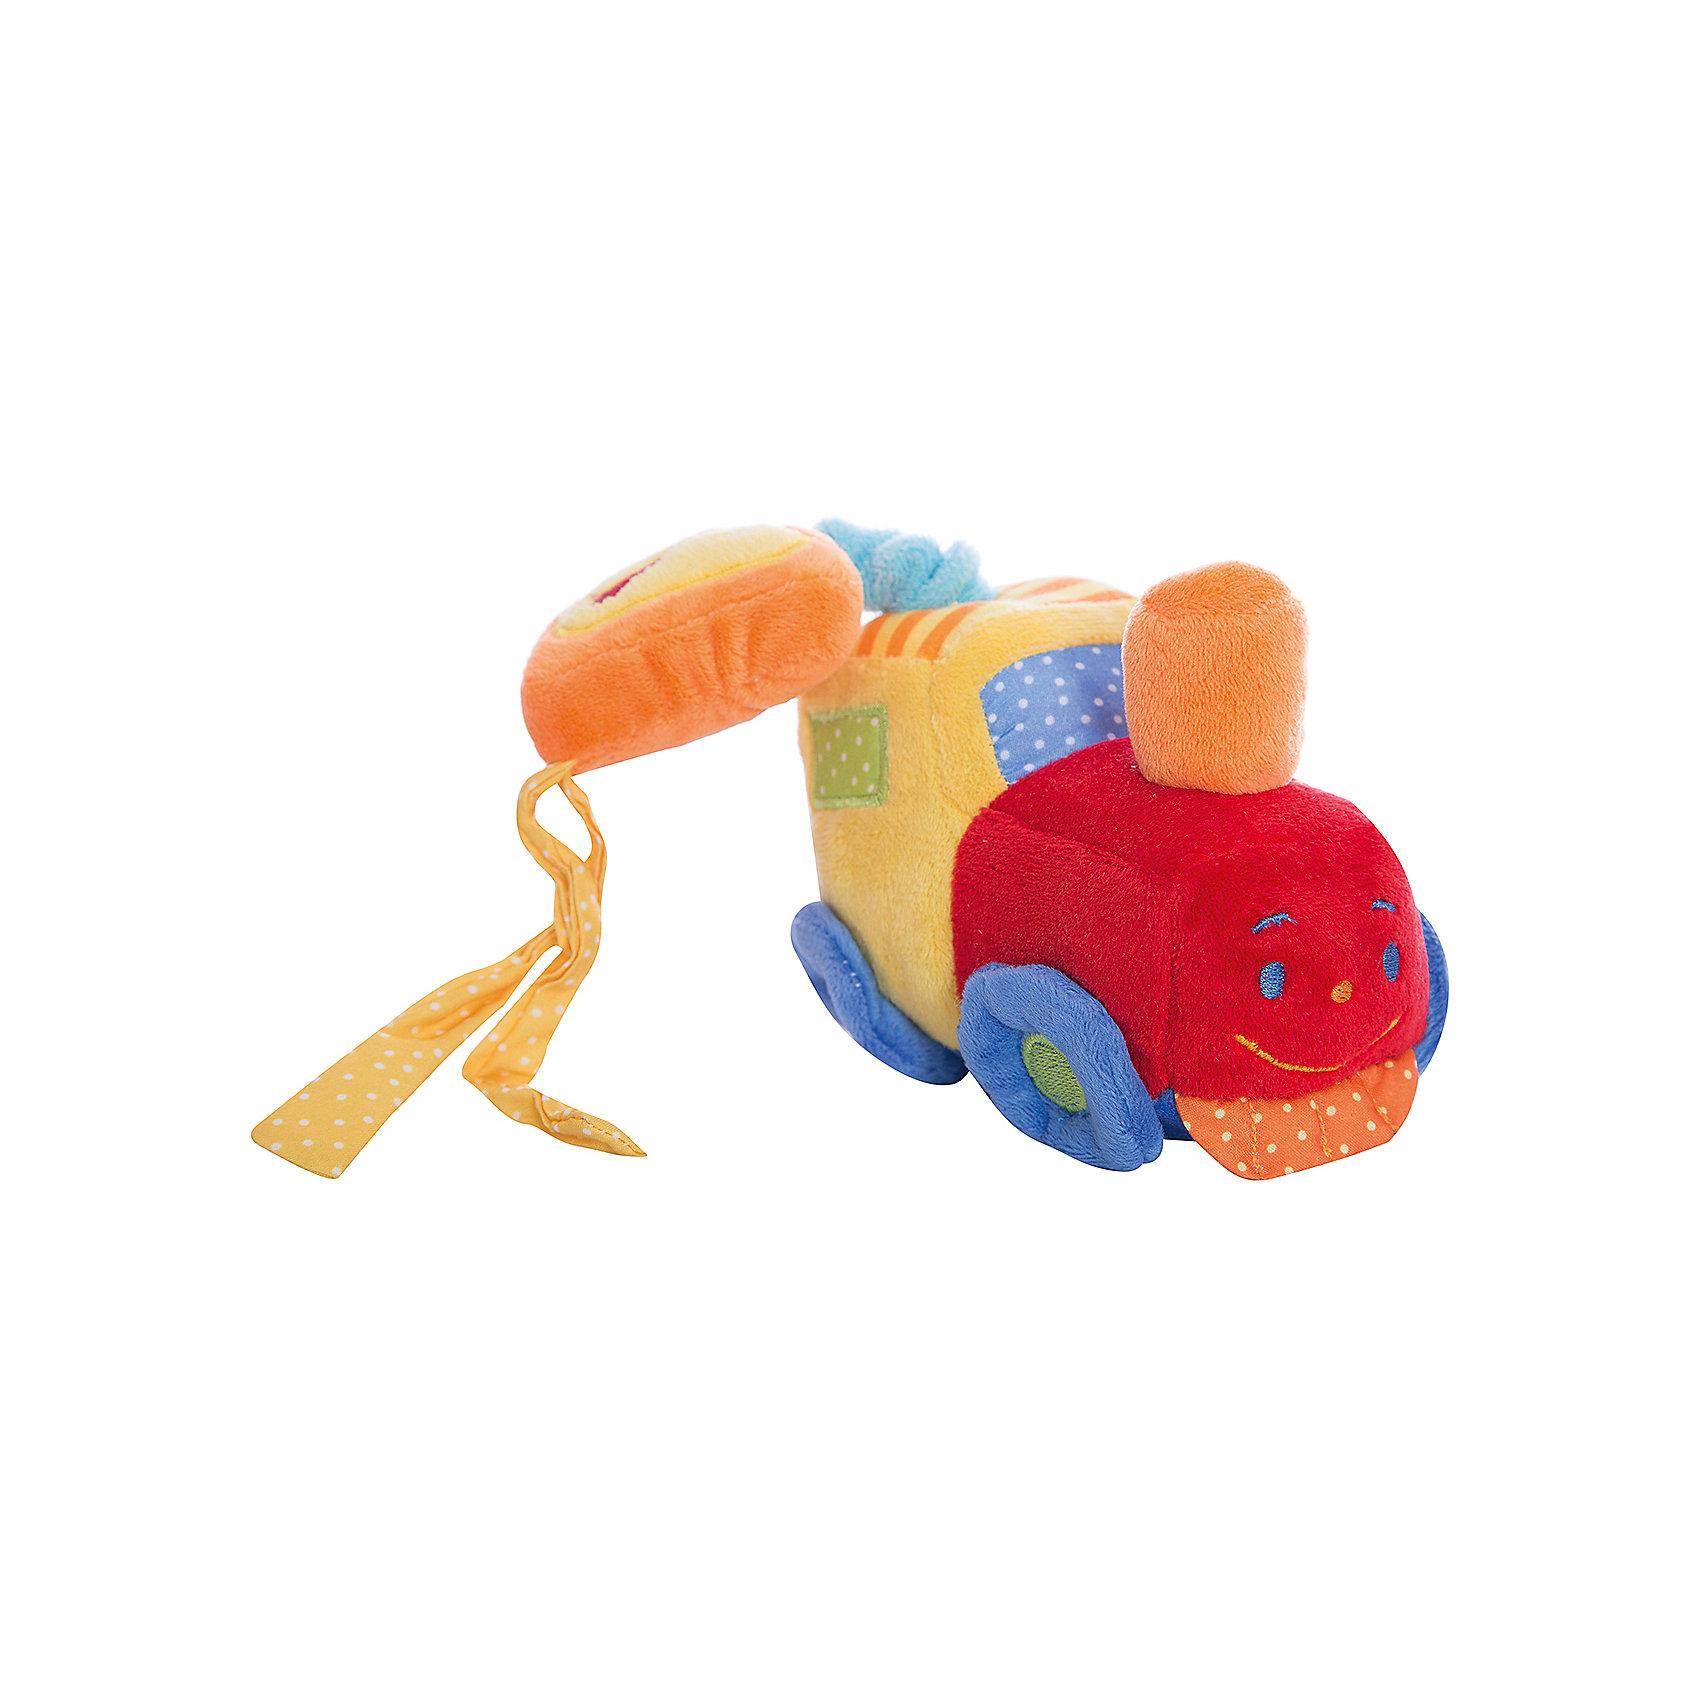 Развивающая игрушка Музыкальная машинка, ЖирафикиРазвивающие игрушки должны быть у каждого малыша. Такие игрушки будут не только развивать способности малыша во время веселой игры, но и радовать глаз, потому что современные развивающие модели красивые и обладают стильным дизайном. Новая игрушка «Музыкальная машинка» - мягкая игрушка, которая издает звуки при ее перемещении вниз. Развивает слух и улучшает мелкую моторику малыша. Материалы, использованные при изготовлении товара, абсолютно безопасны и отвечают всем международным требованиям по качеству.<br><br>Дополнительные характеристики:<br><br>материал: текстиль;<br>цвет: разноцветный;<br>габариты: 16 X 8 X 30 см.<br><br>Развивающую игрушку Музыкальная машинка от компании Жирафики можно приобрести в нашем магазине.<br><br>Ширина мм: 600<br>Глубина мм: 300<br>Высота мм: 320<br>Вес г: 180<br>Возраст от месяцев: 3<br>Возраст до месяцев: 36<br>Пол: Унисекс<br>Возраст: Детский<br>SKU: 5032563